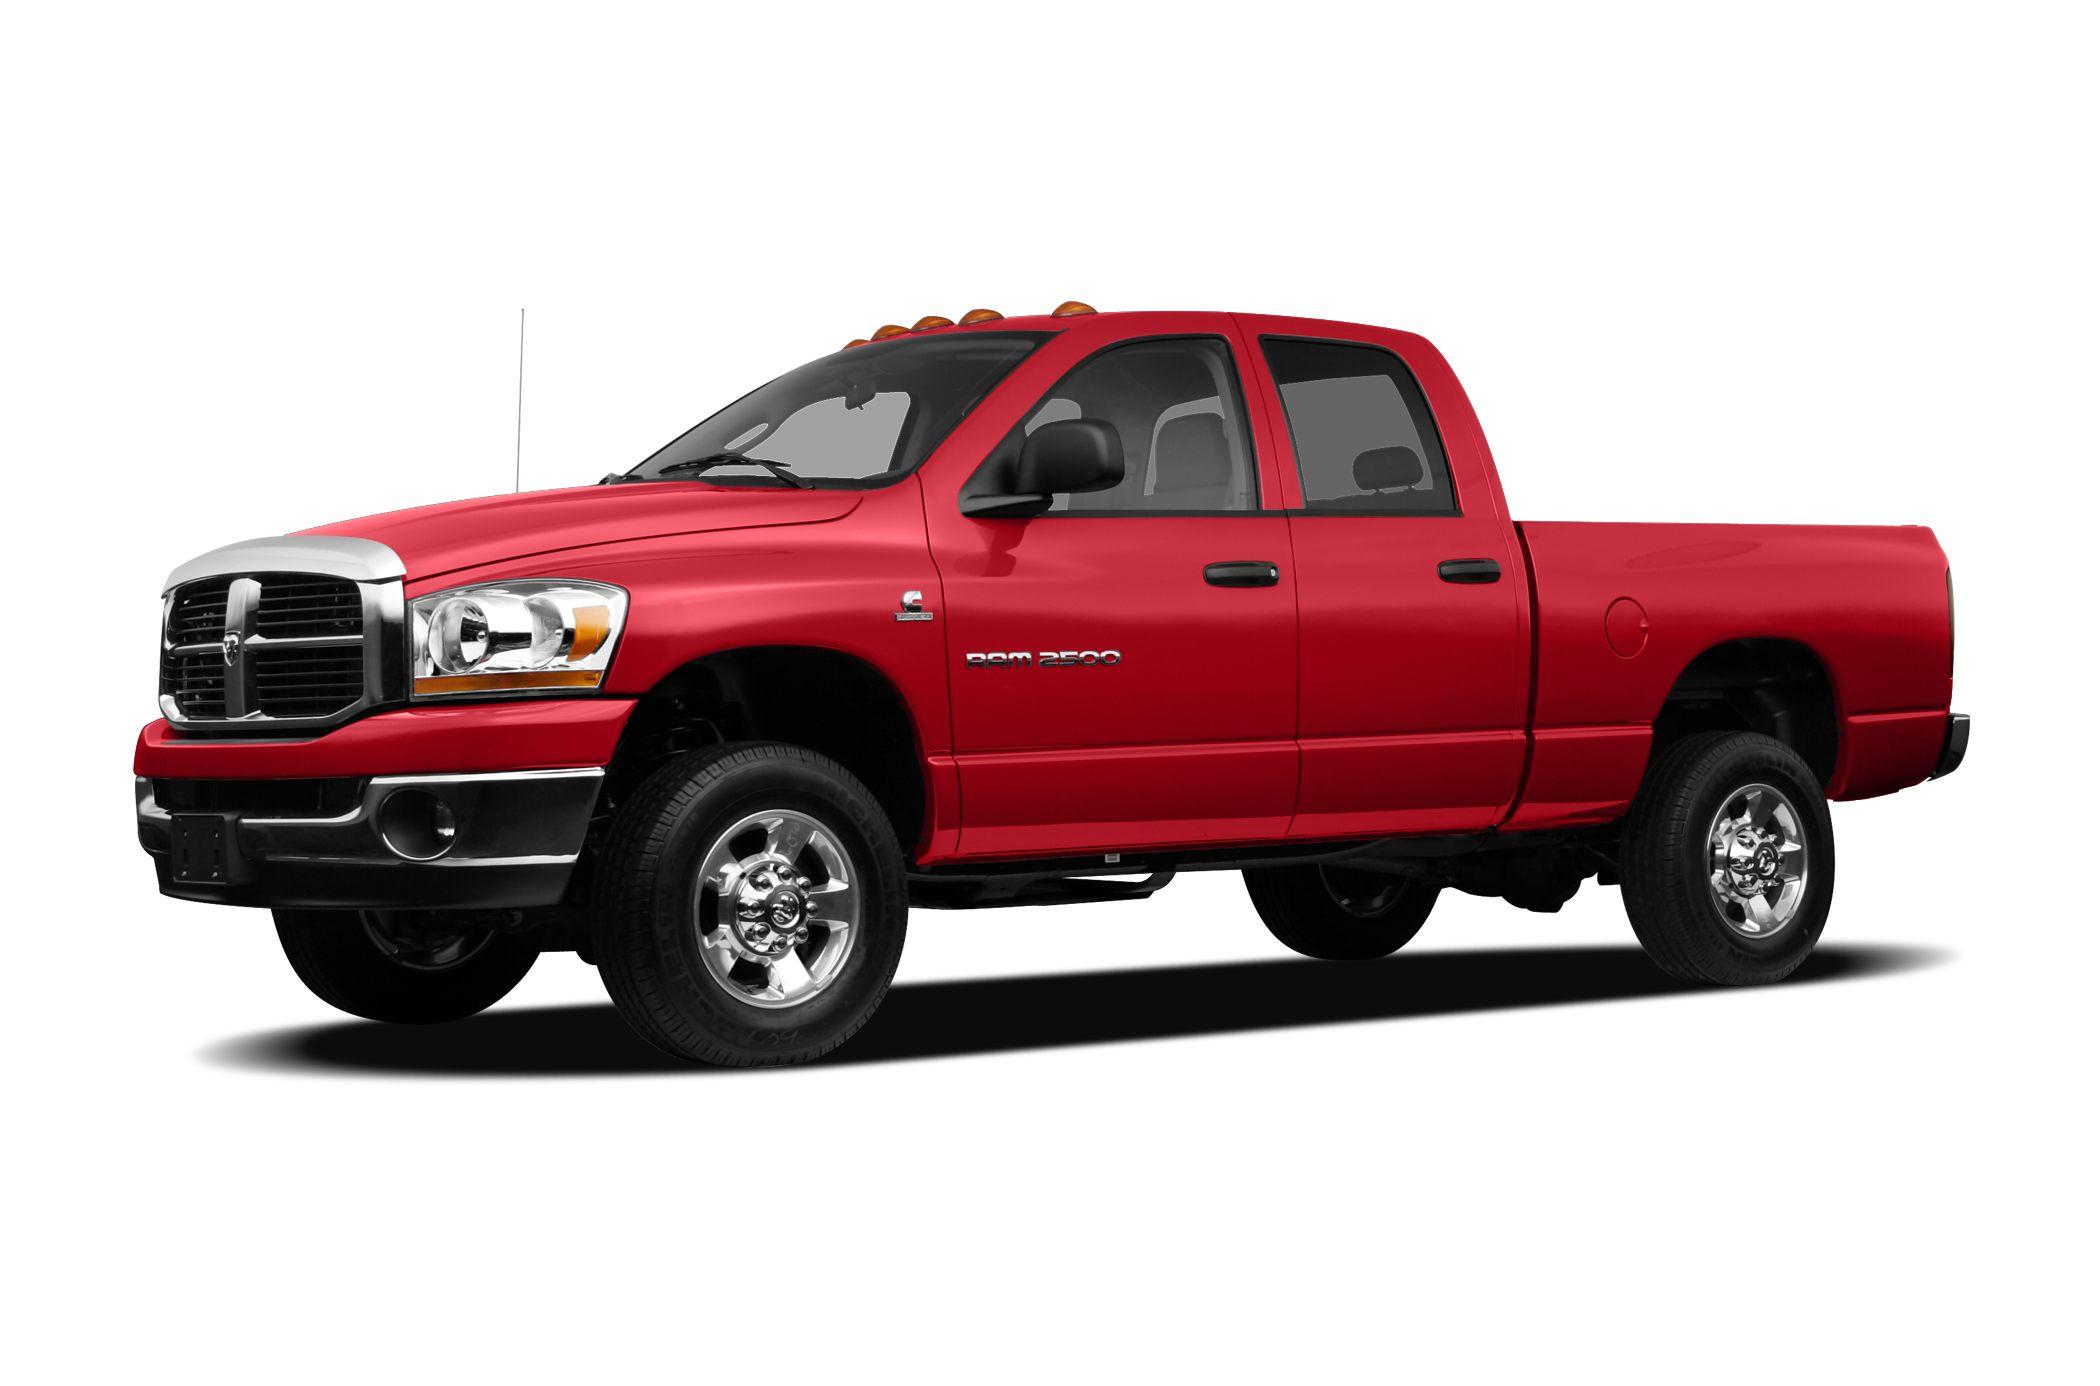 2007 Dodge Ram 2500  Miles 90317Color Gray Stock 16630 VIN 1D7KS28C87J568858